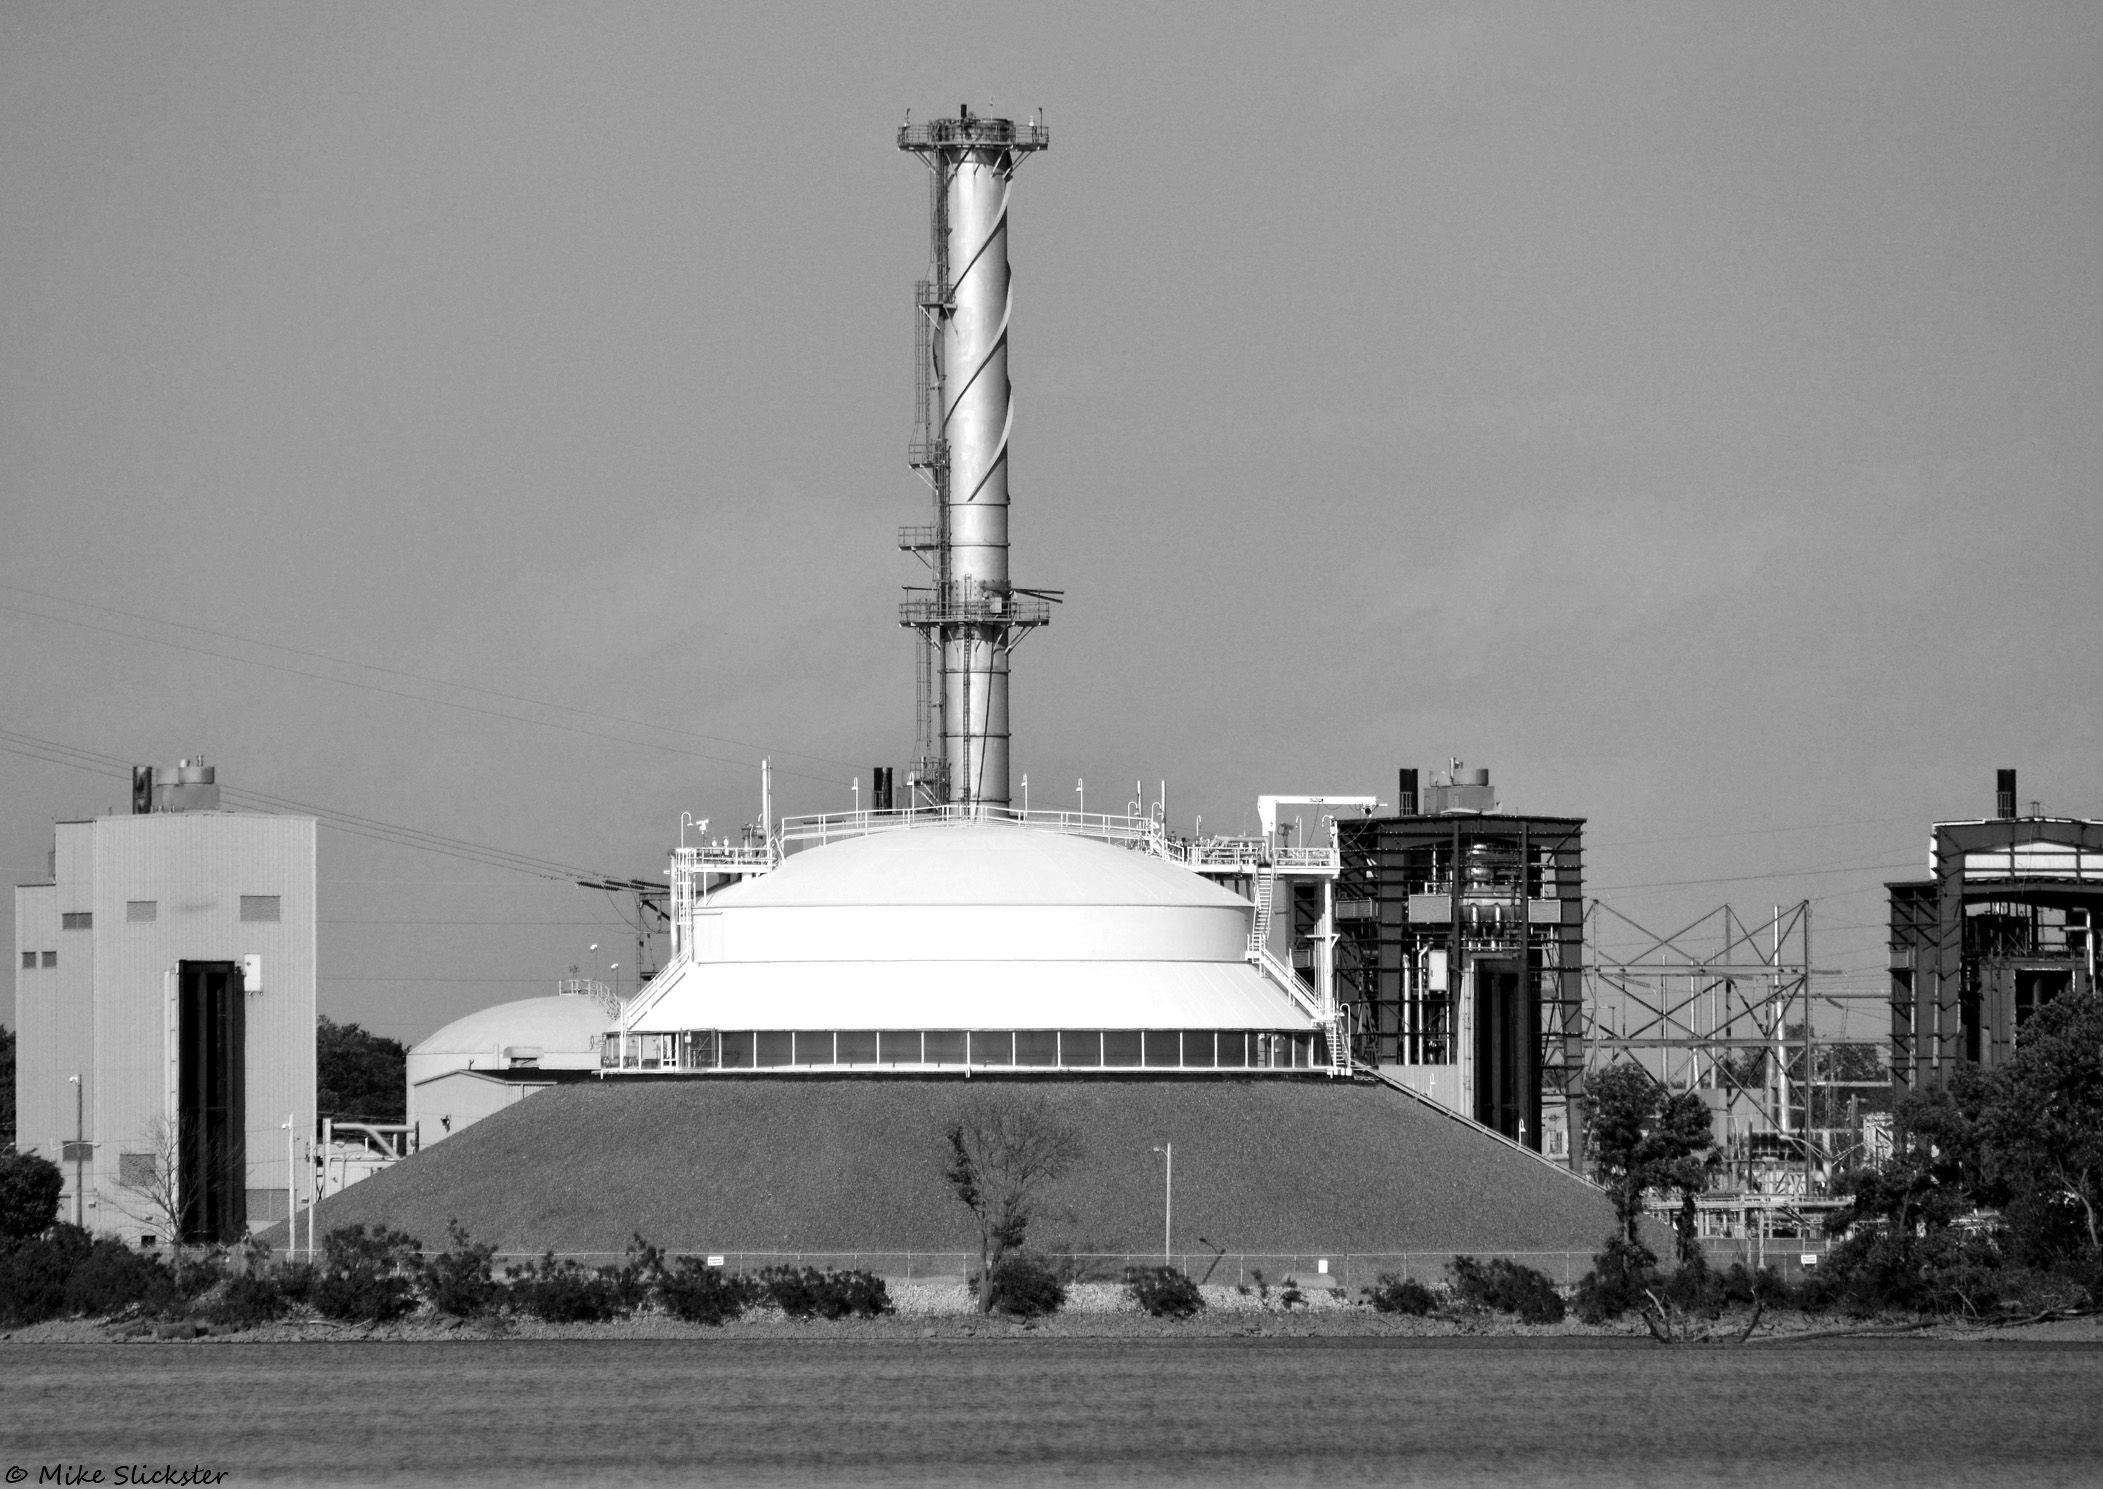 Burlington Power Plant, alongside of the Delaware River